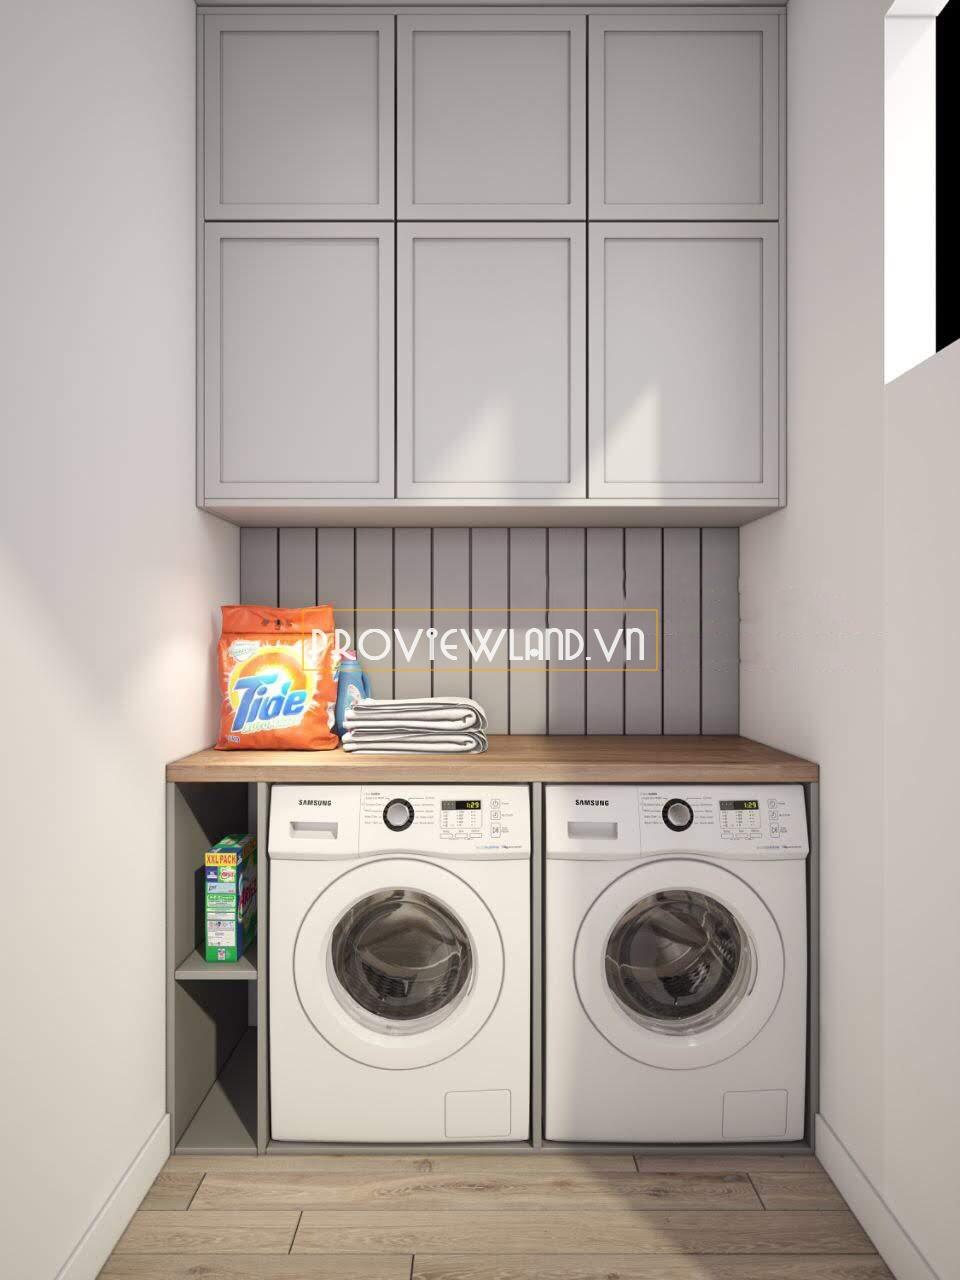 lucasta-khang-dien-villas-for-rent-4beds-3floor-district9-proview1112-11